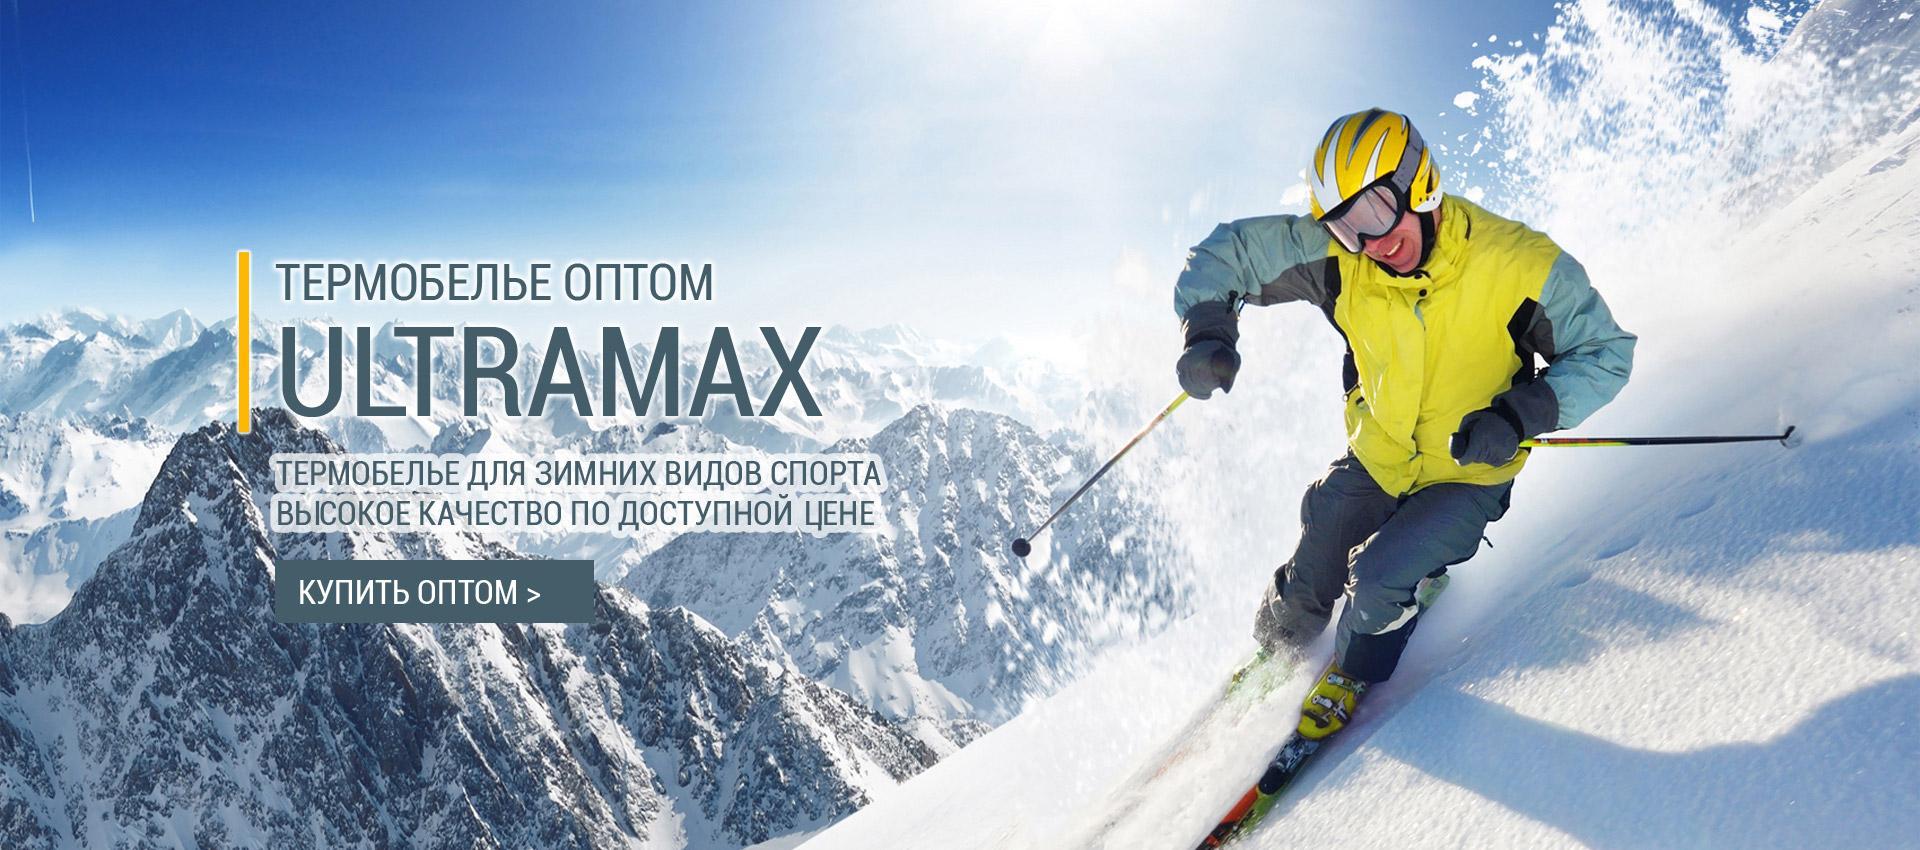 Термобелье для зимних видов спорта. Высокое качество по доступной цене.